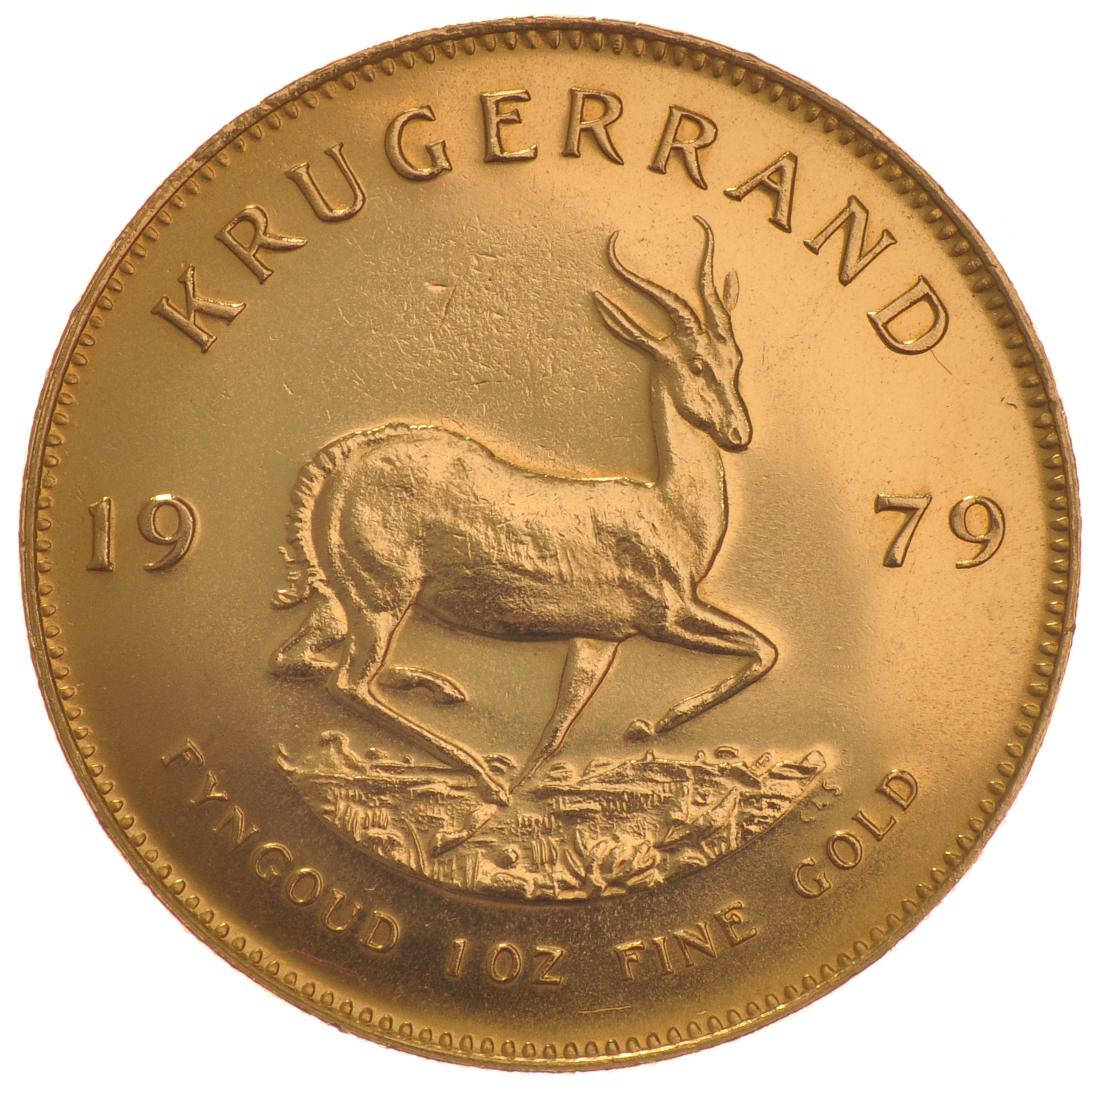 1979 1oz Gold Krugerrand 163 1 077